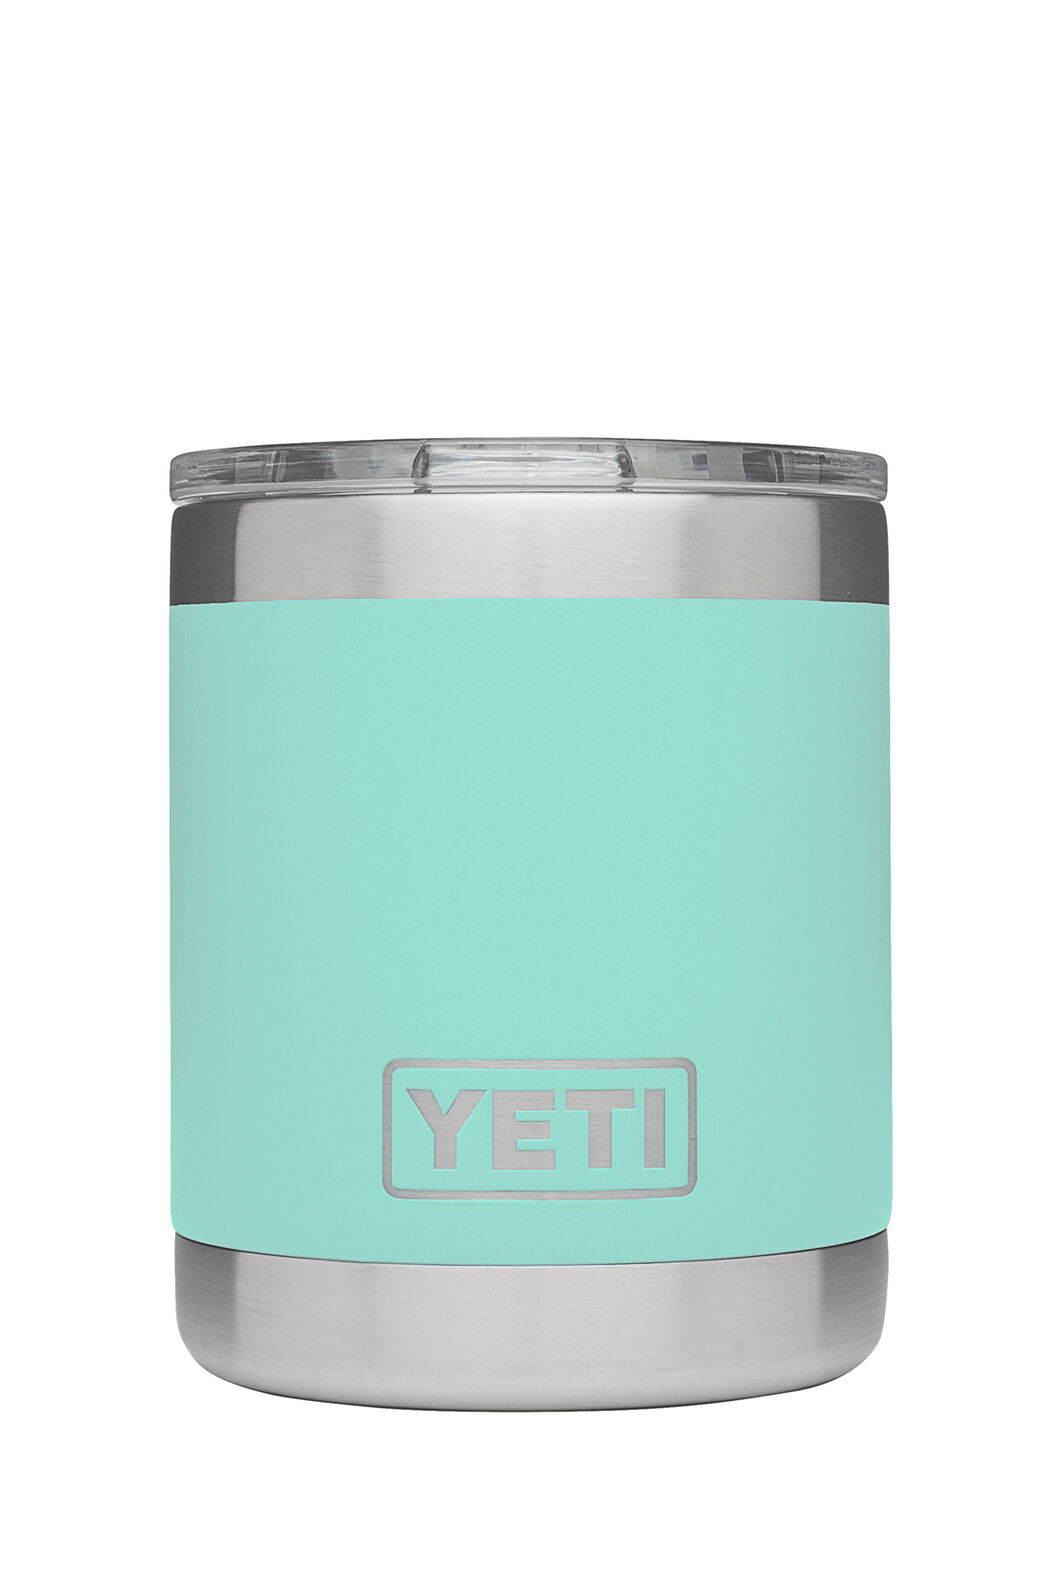 Yeti Rambler Lowball Tumbler Stainless Steel, SEAFOAM, hi-res